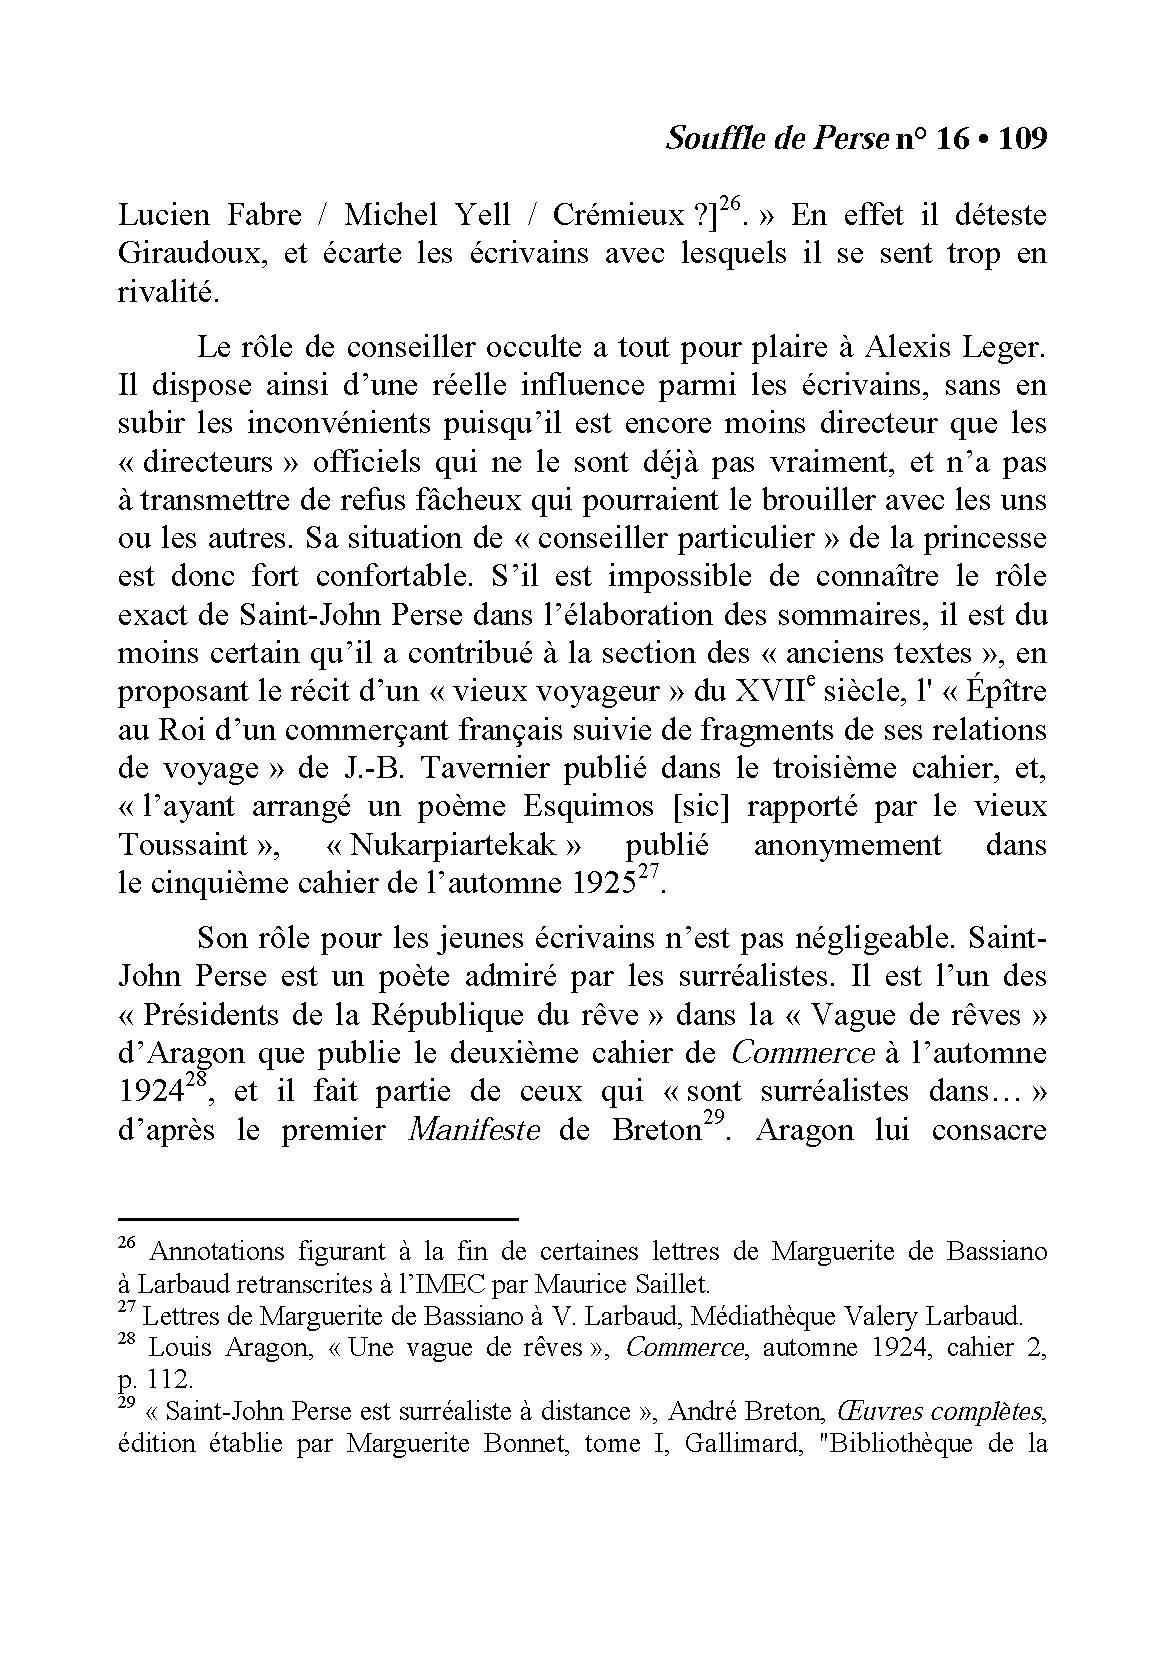 pages-de-pages-de-souffle-n-16-p-99-a-115_page_11